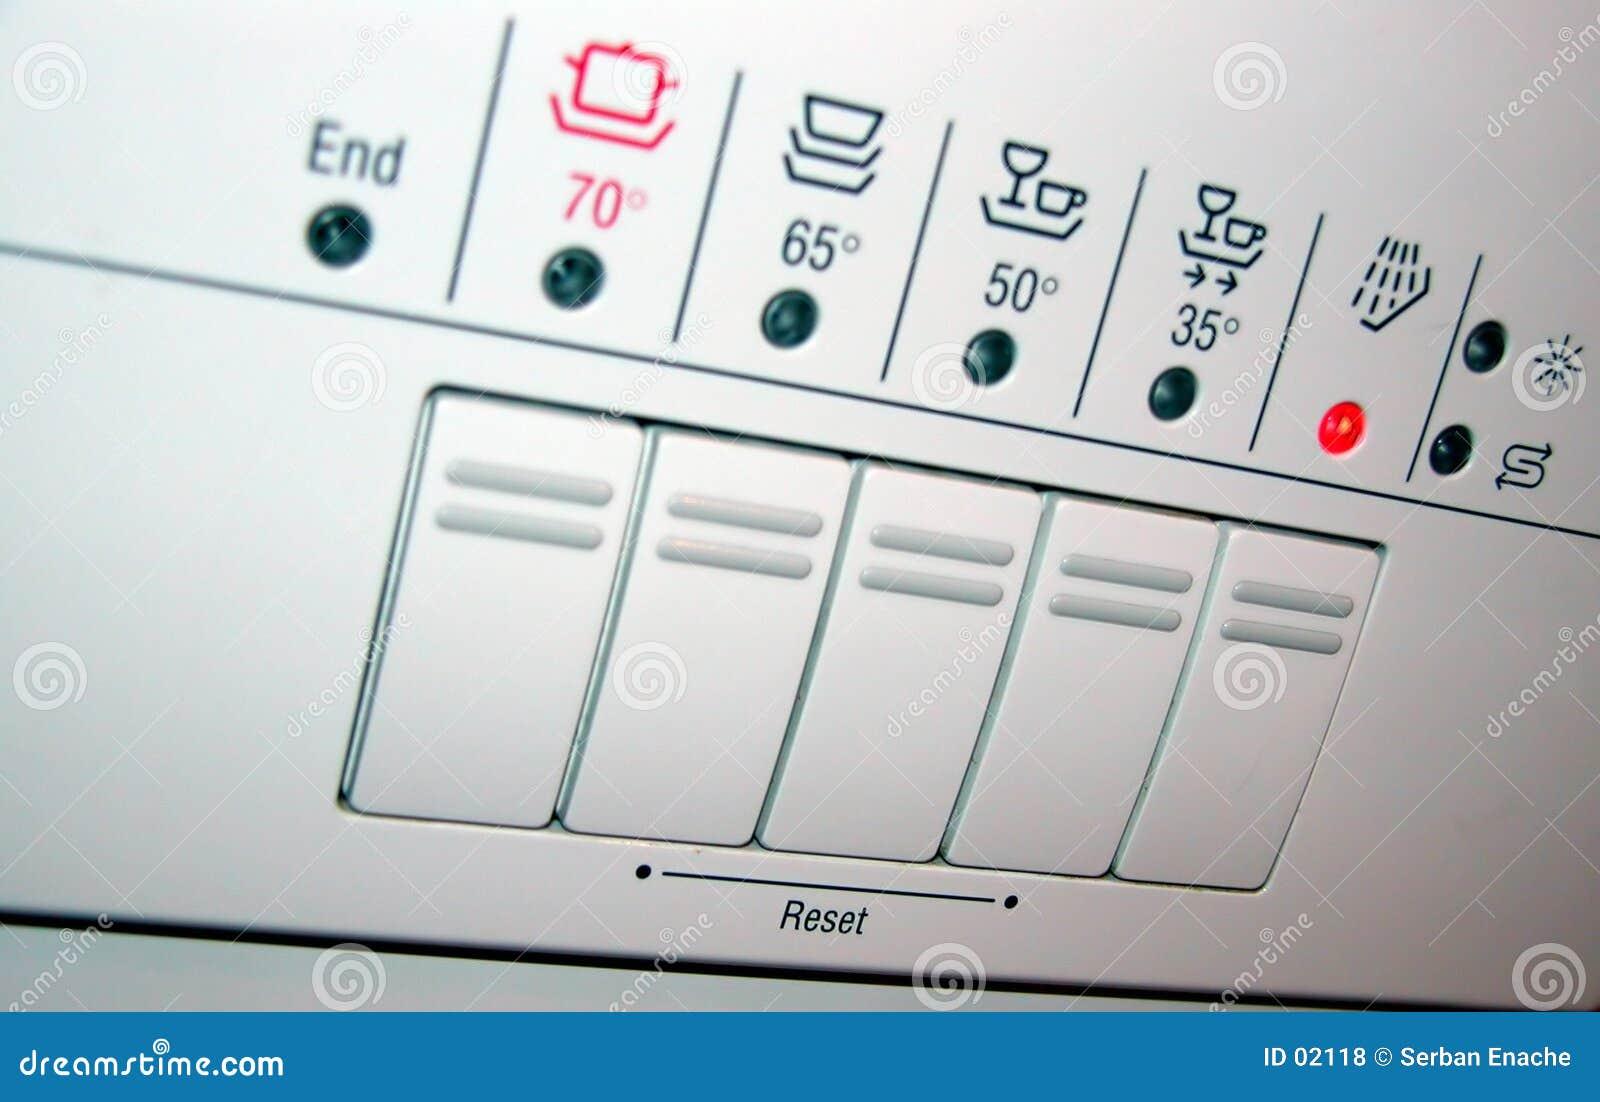 Het paneel van de afwasmachine